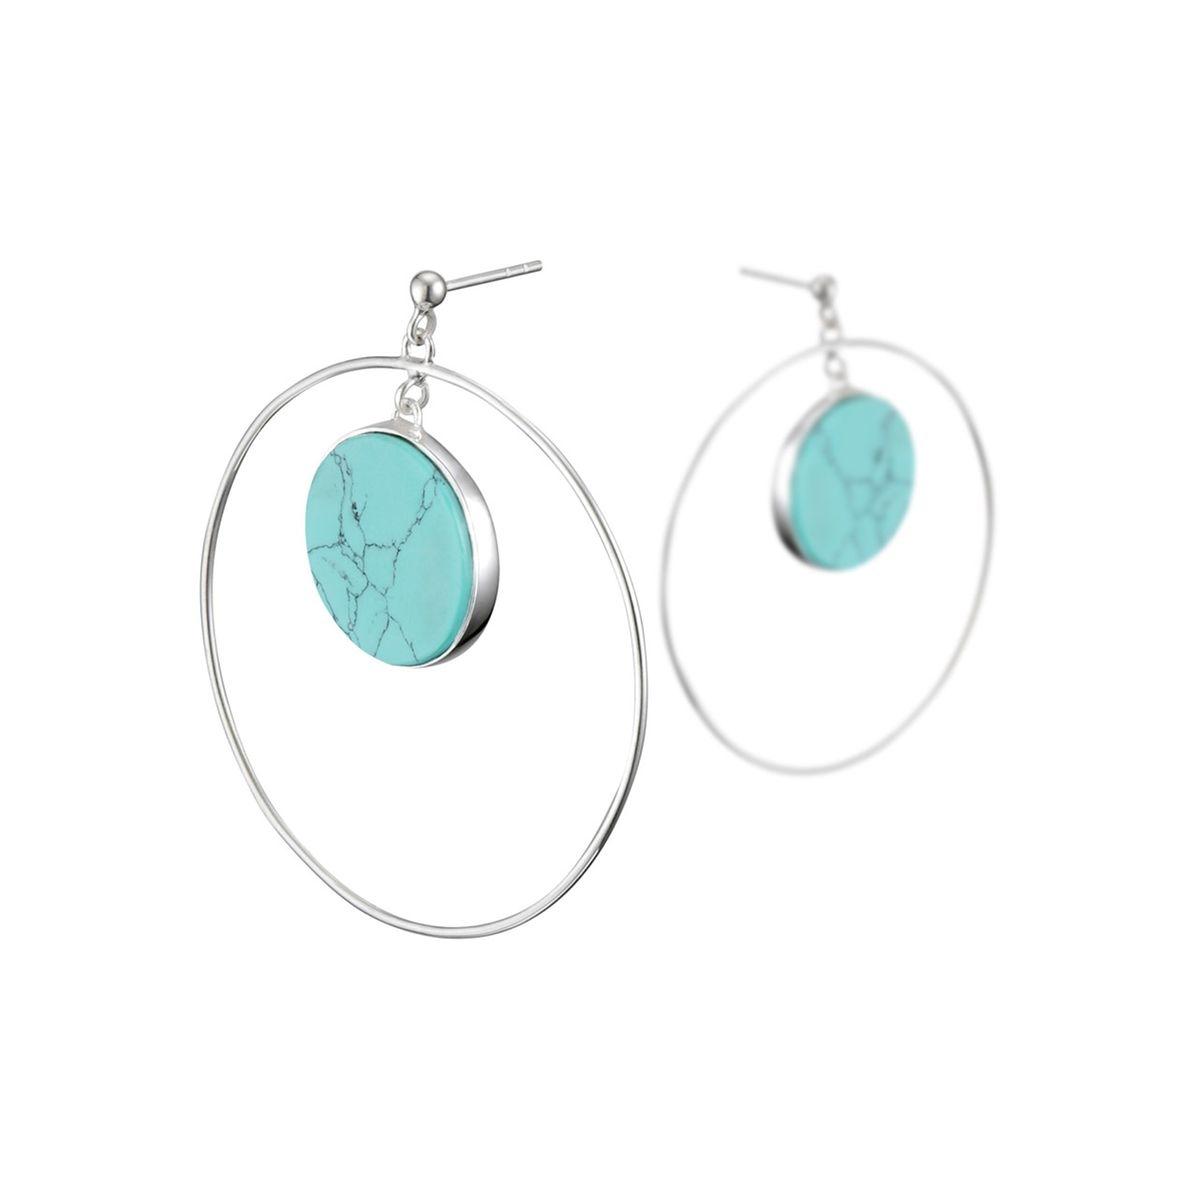 Boucles d'oreilles percées cercles en argent 925, Turquoise reconstituée, 9g, Ø45mm